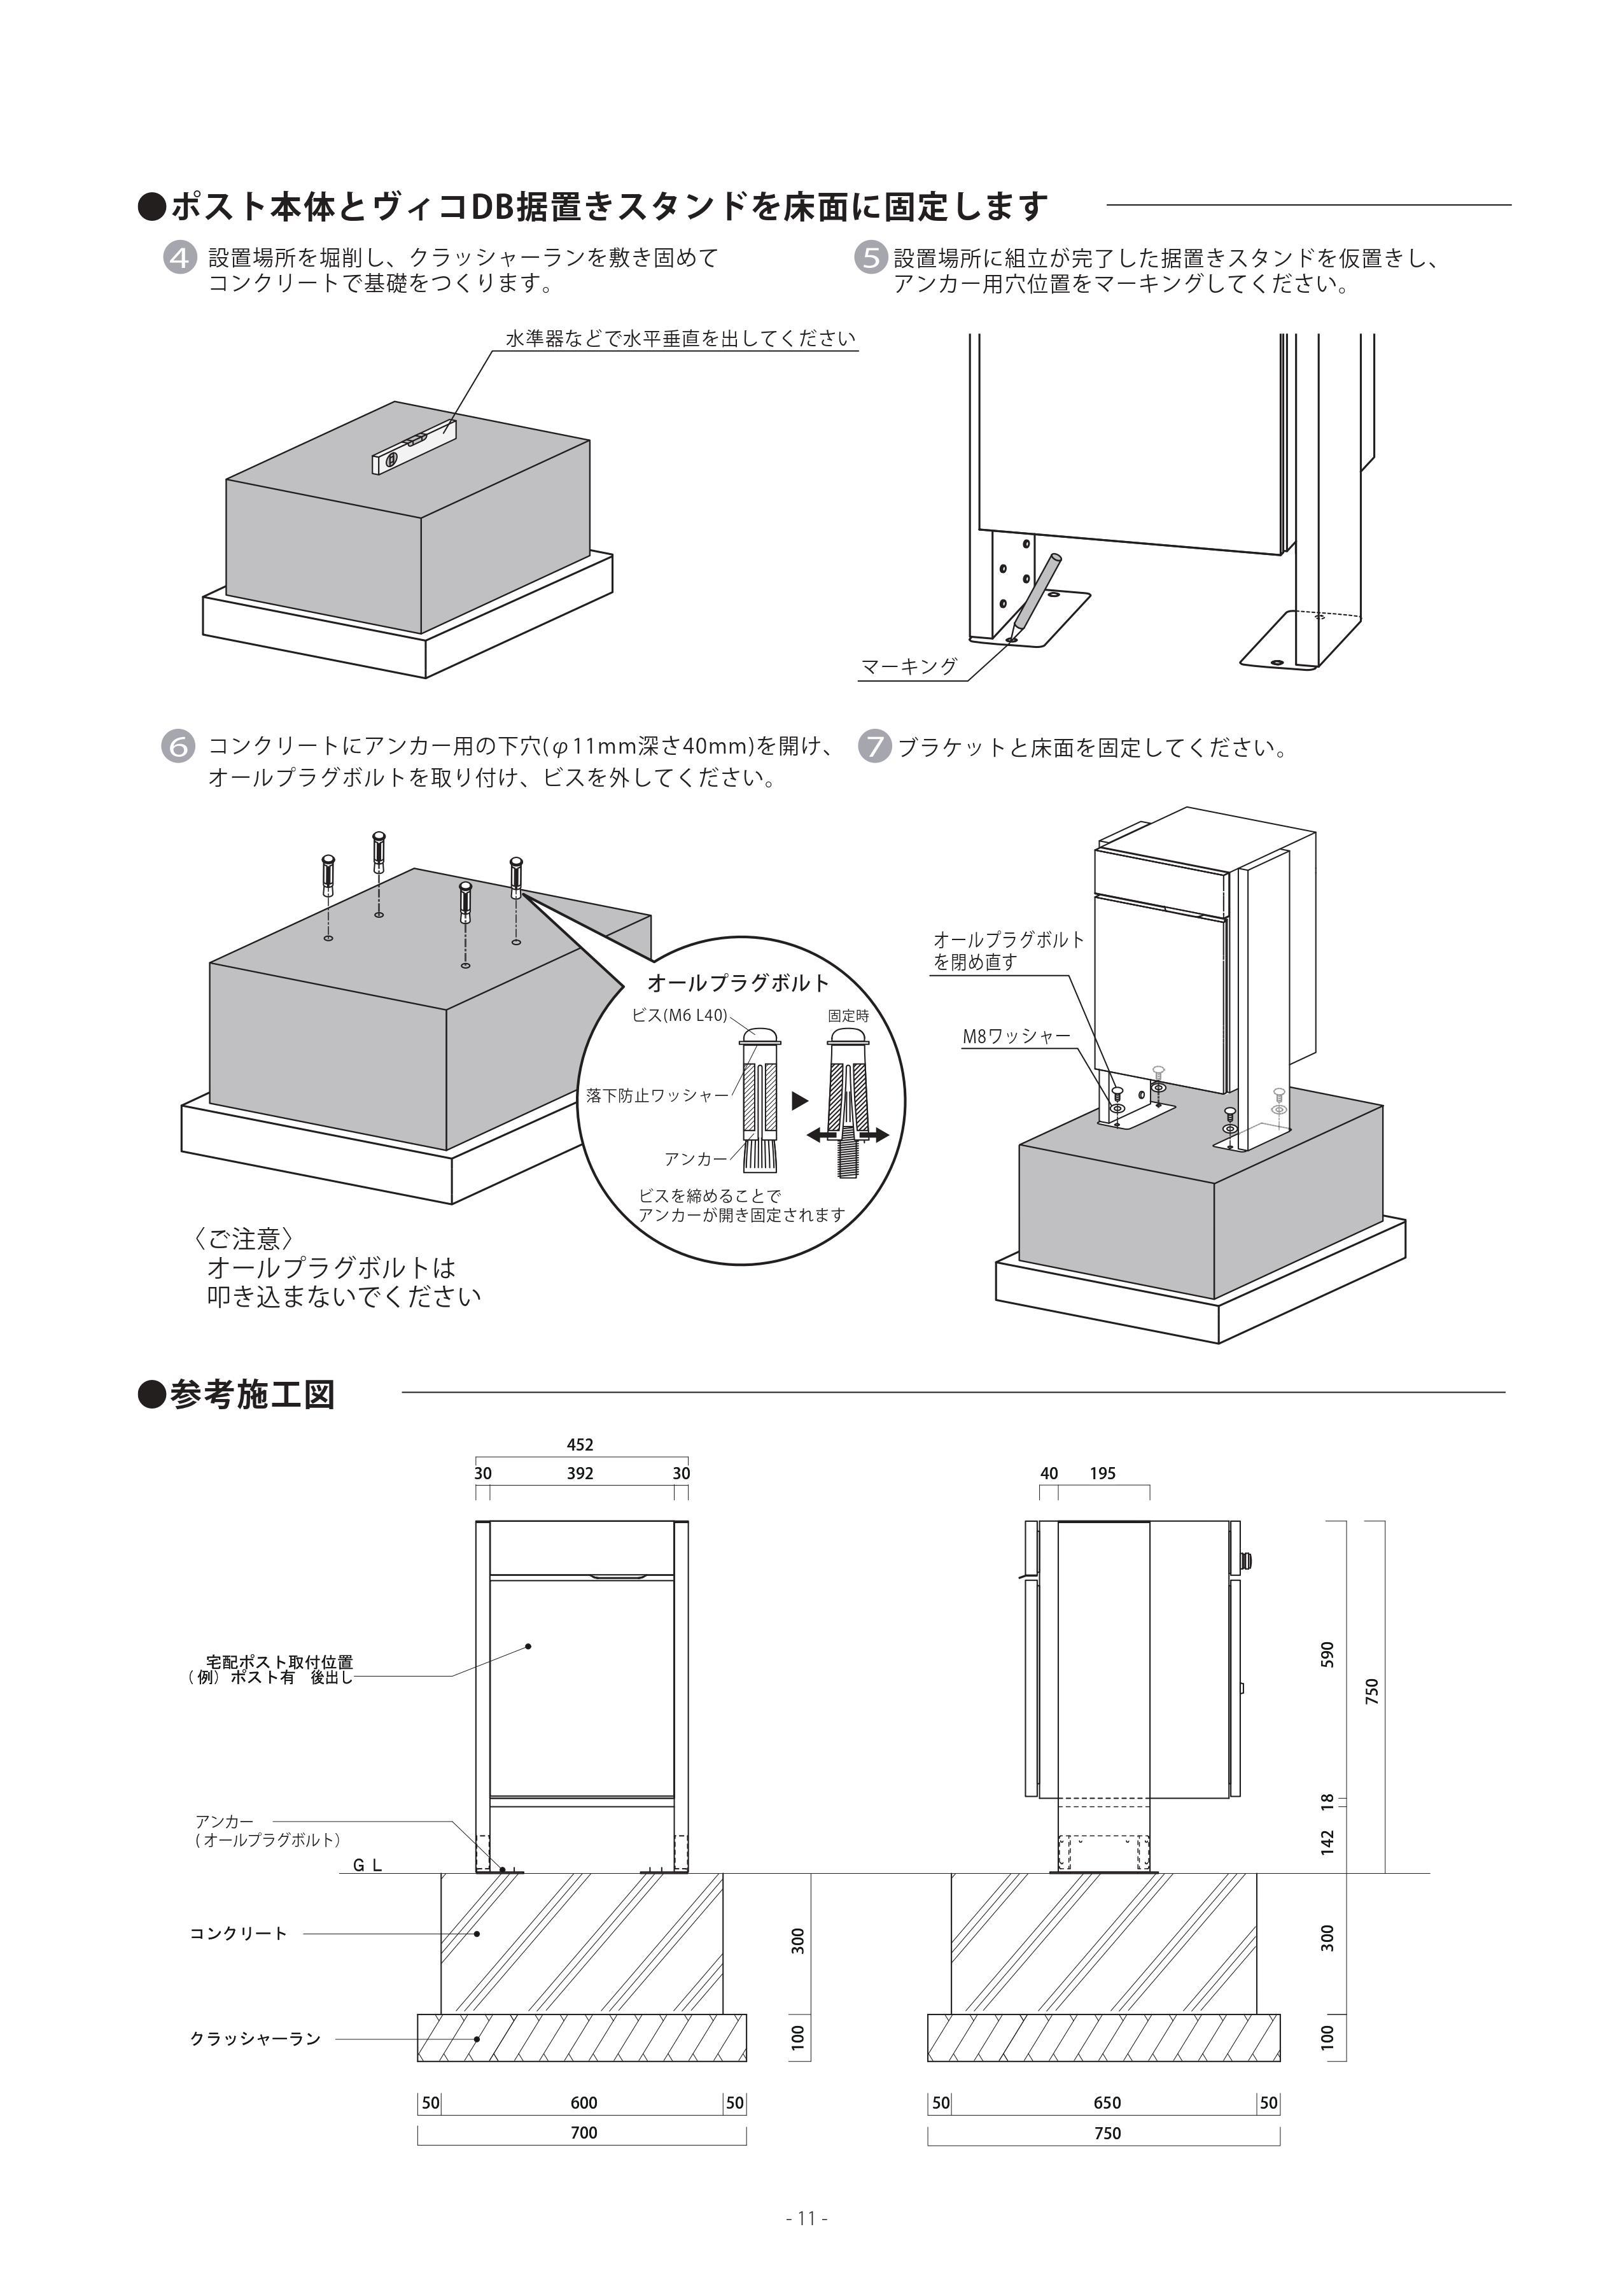 ヴィコDB埋込用台座_取扱説明書 (19)